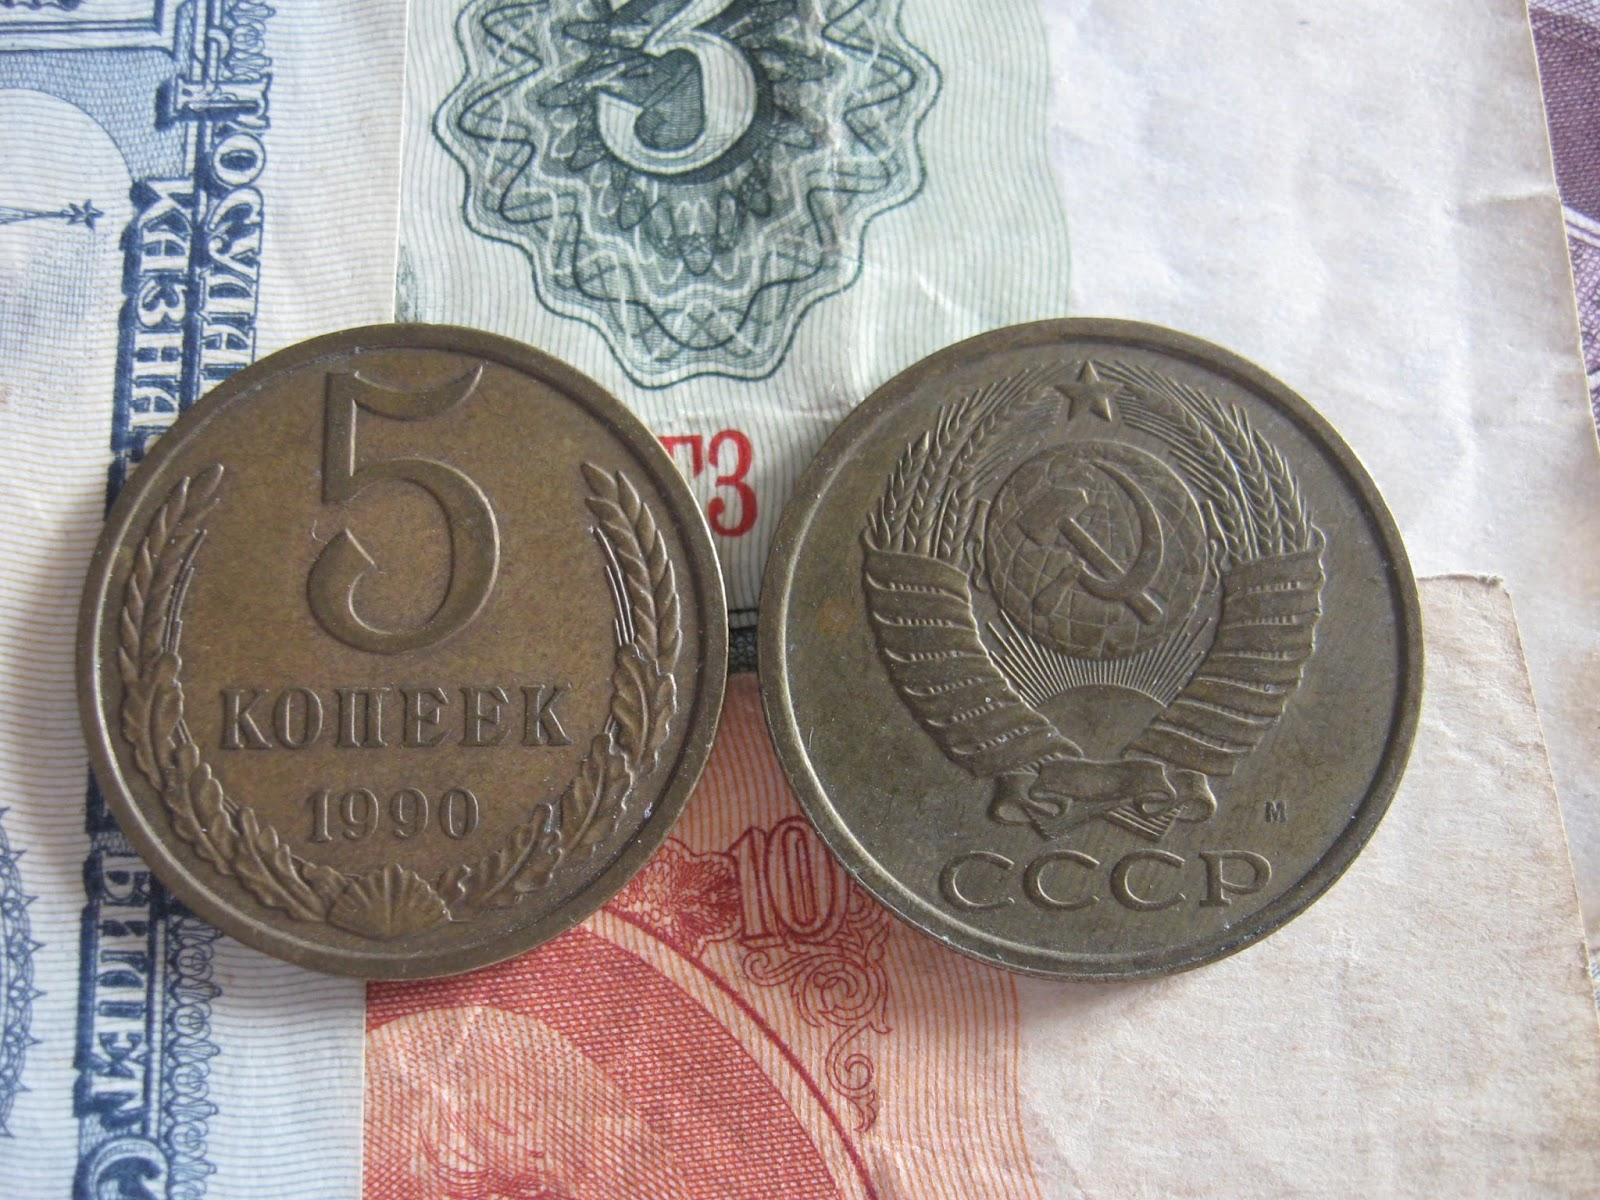 Сколько стоит 5 рублей 1990 года цена 3 копейки 1900 года стоимость спб